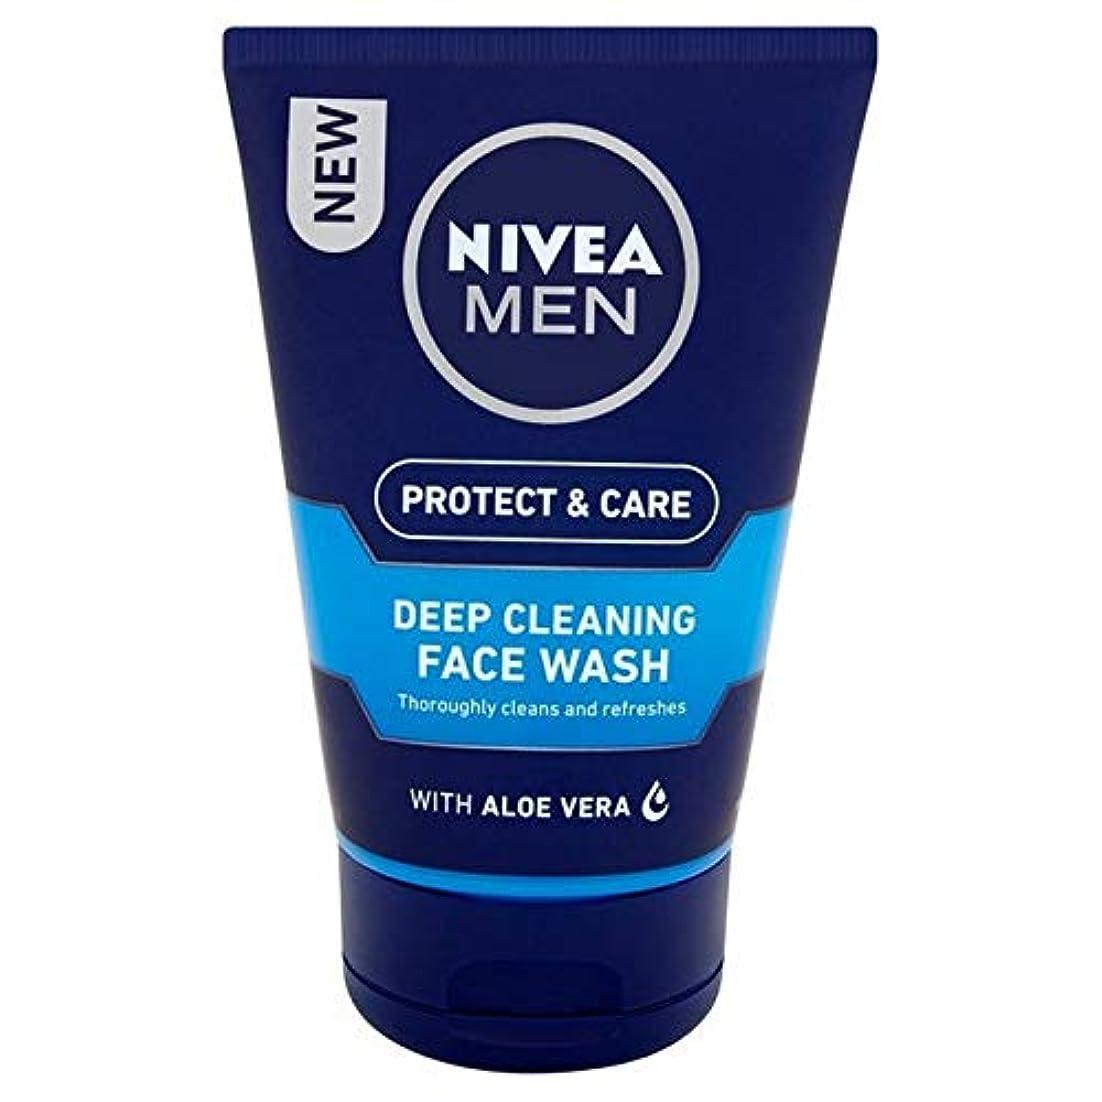 評価スツールレギュラー[Nivea ] ニベアの男性深いクリーニング洗顔の100ミリリットル - Nivea Men Deep Cleaning Face Wash 100ml [並行輸入品]